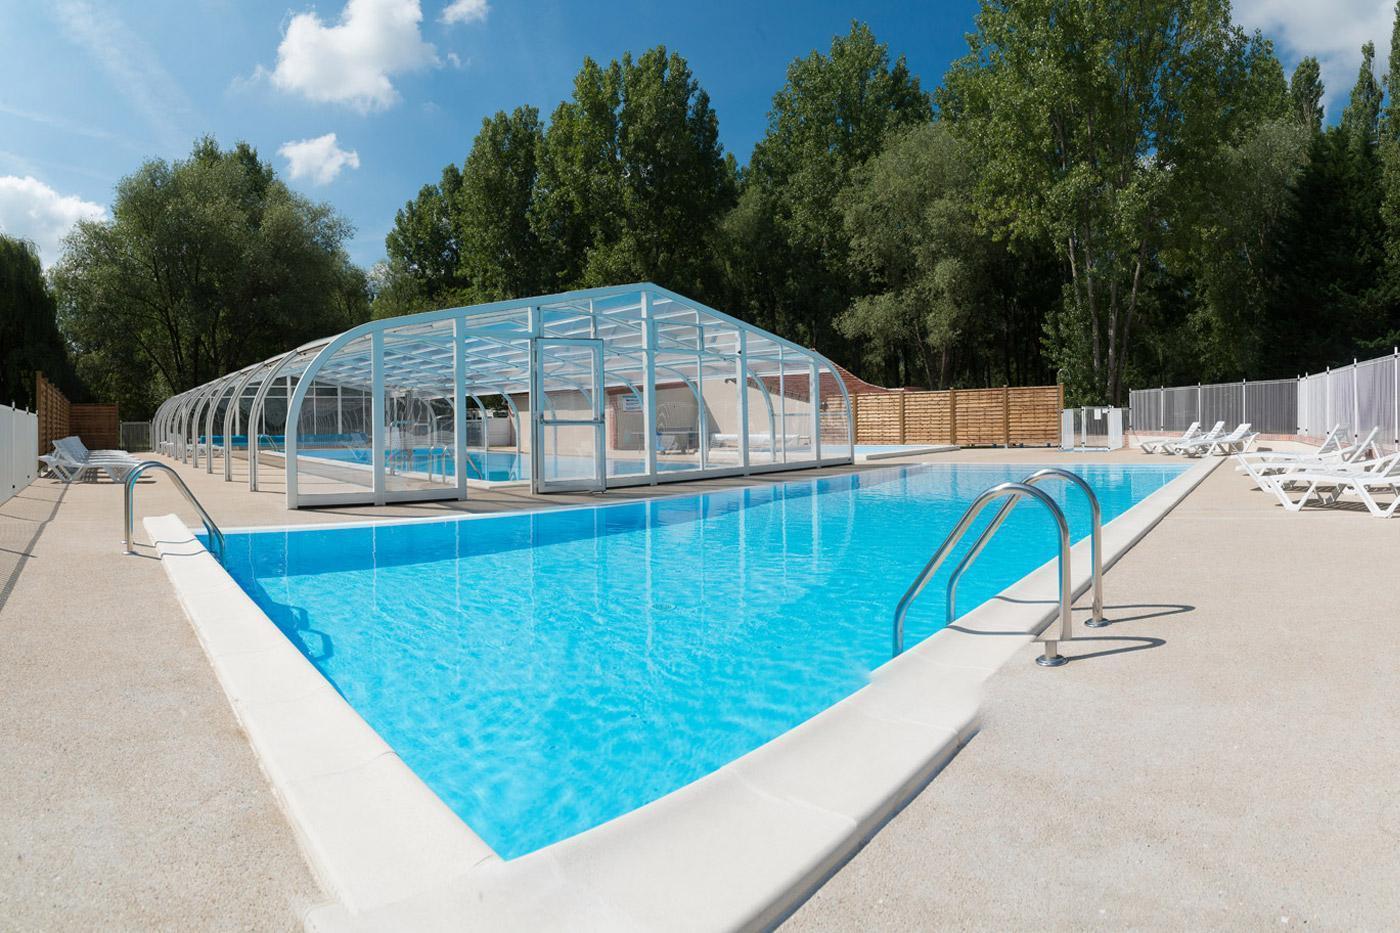 Camping Sites Et Paysages Les Saules à Cheverny Loire Valley Notre Espace Aquatique Galerie